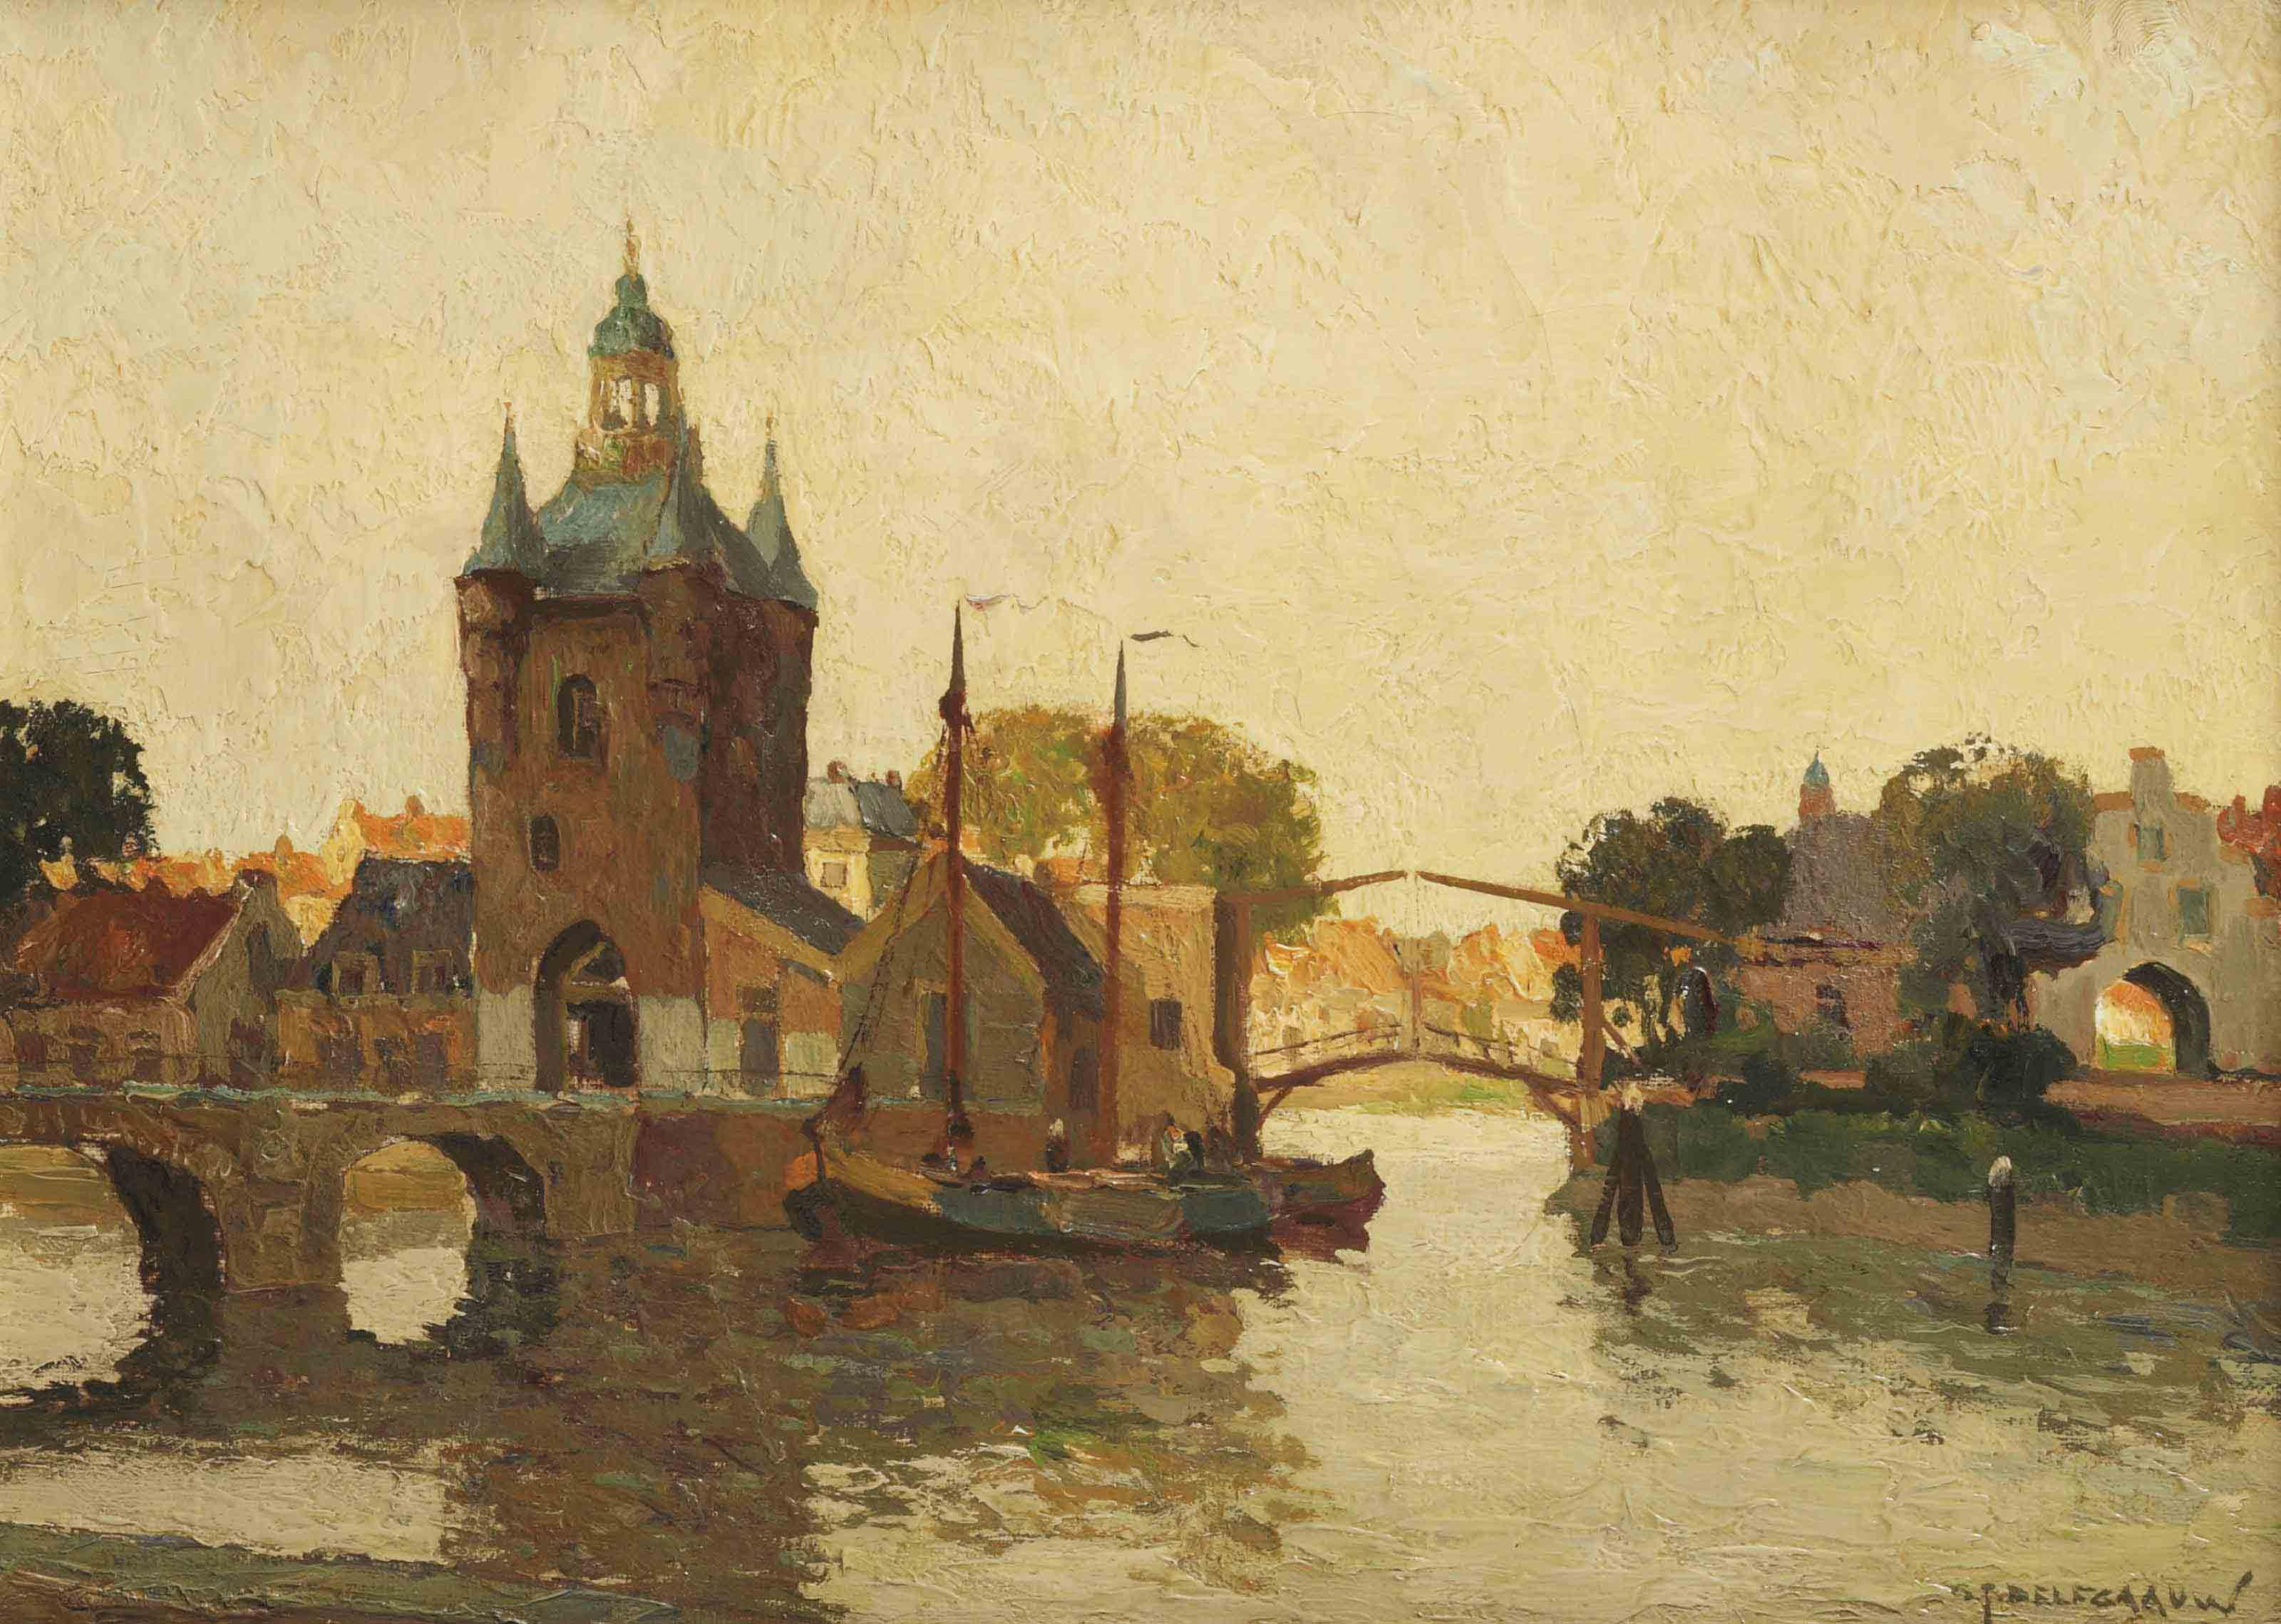 A view of the Zuidhavenpoort, Zierikzee